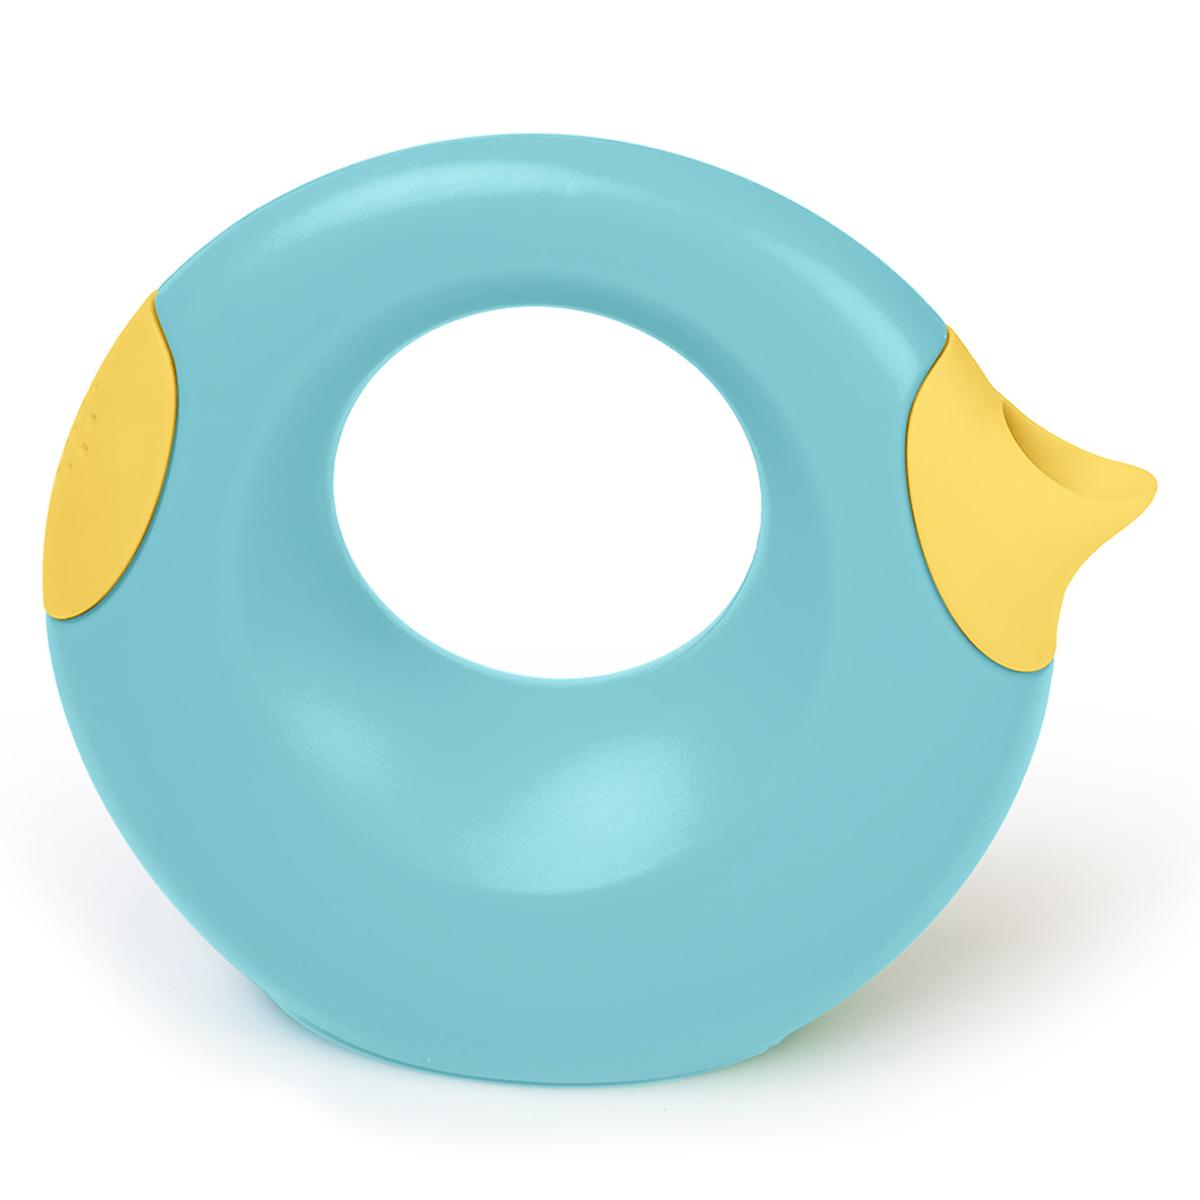 Mes premiers jouets Arrosoir Cana Small - Bleu Arrosoir Cana Small - Bleu